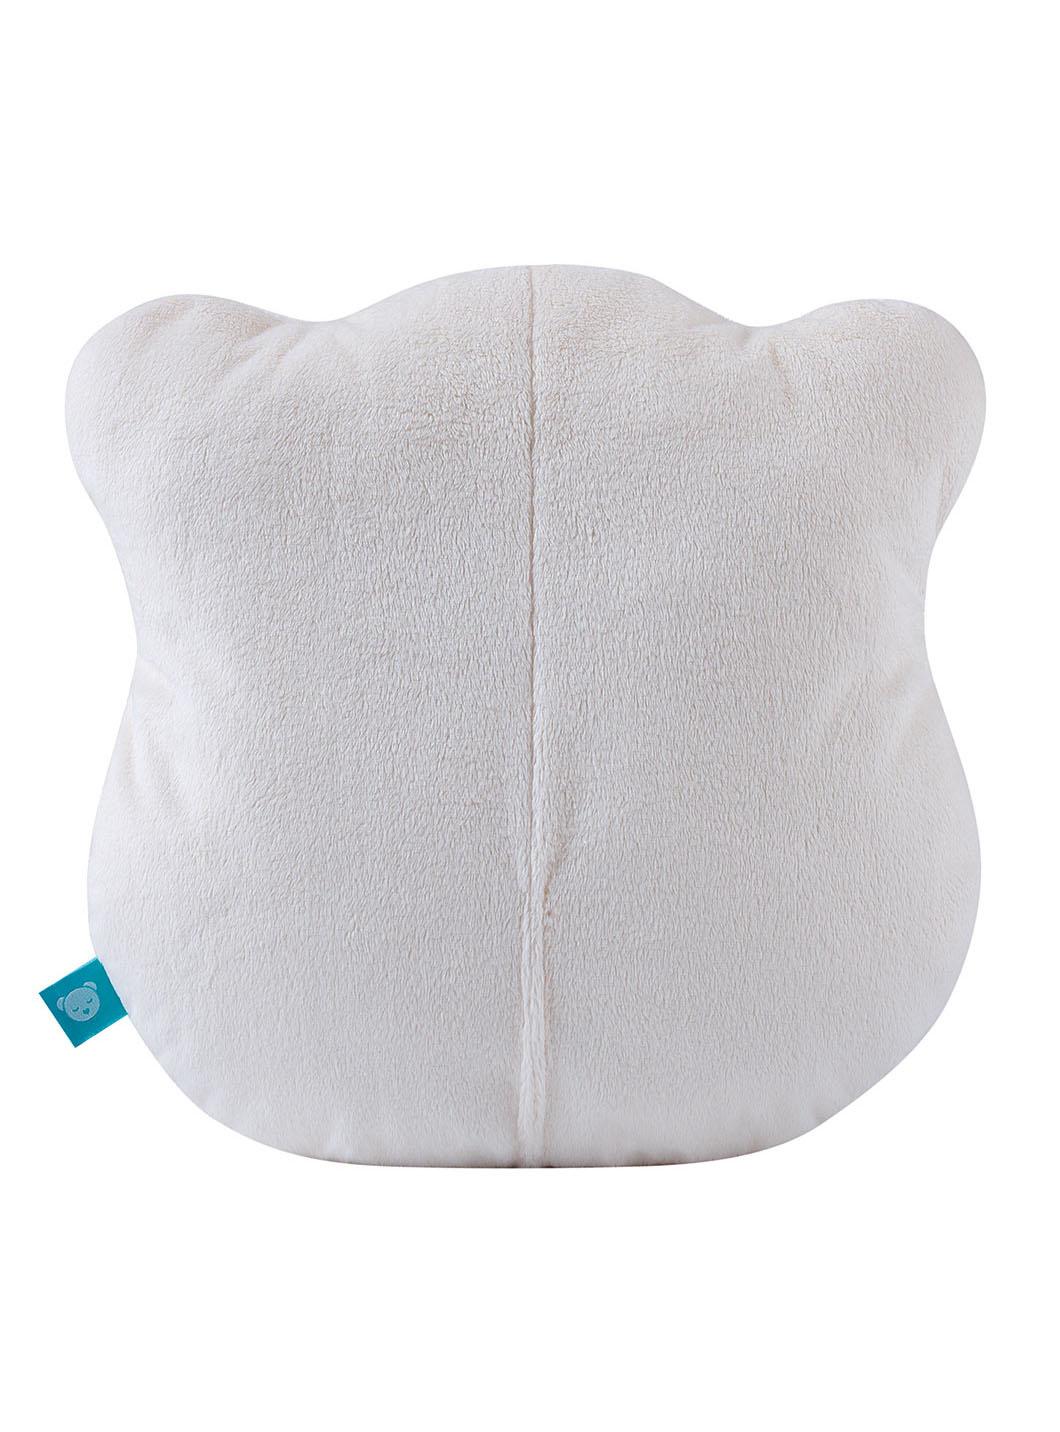 myHummy Cushion - ecru